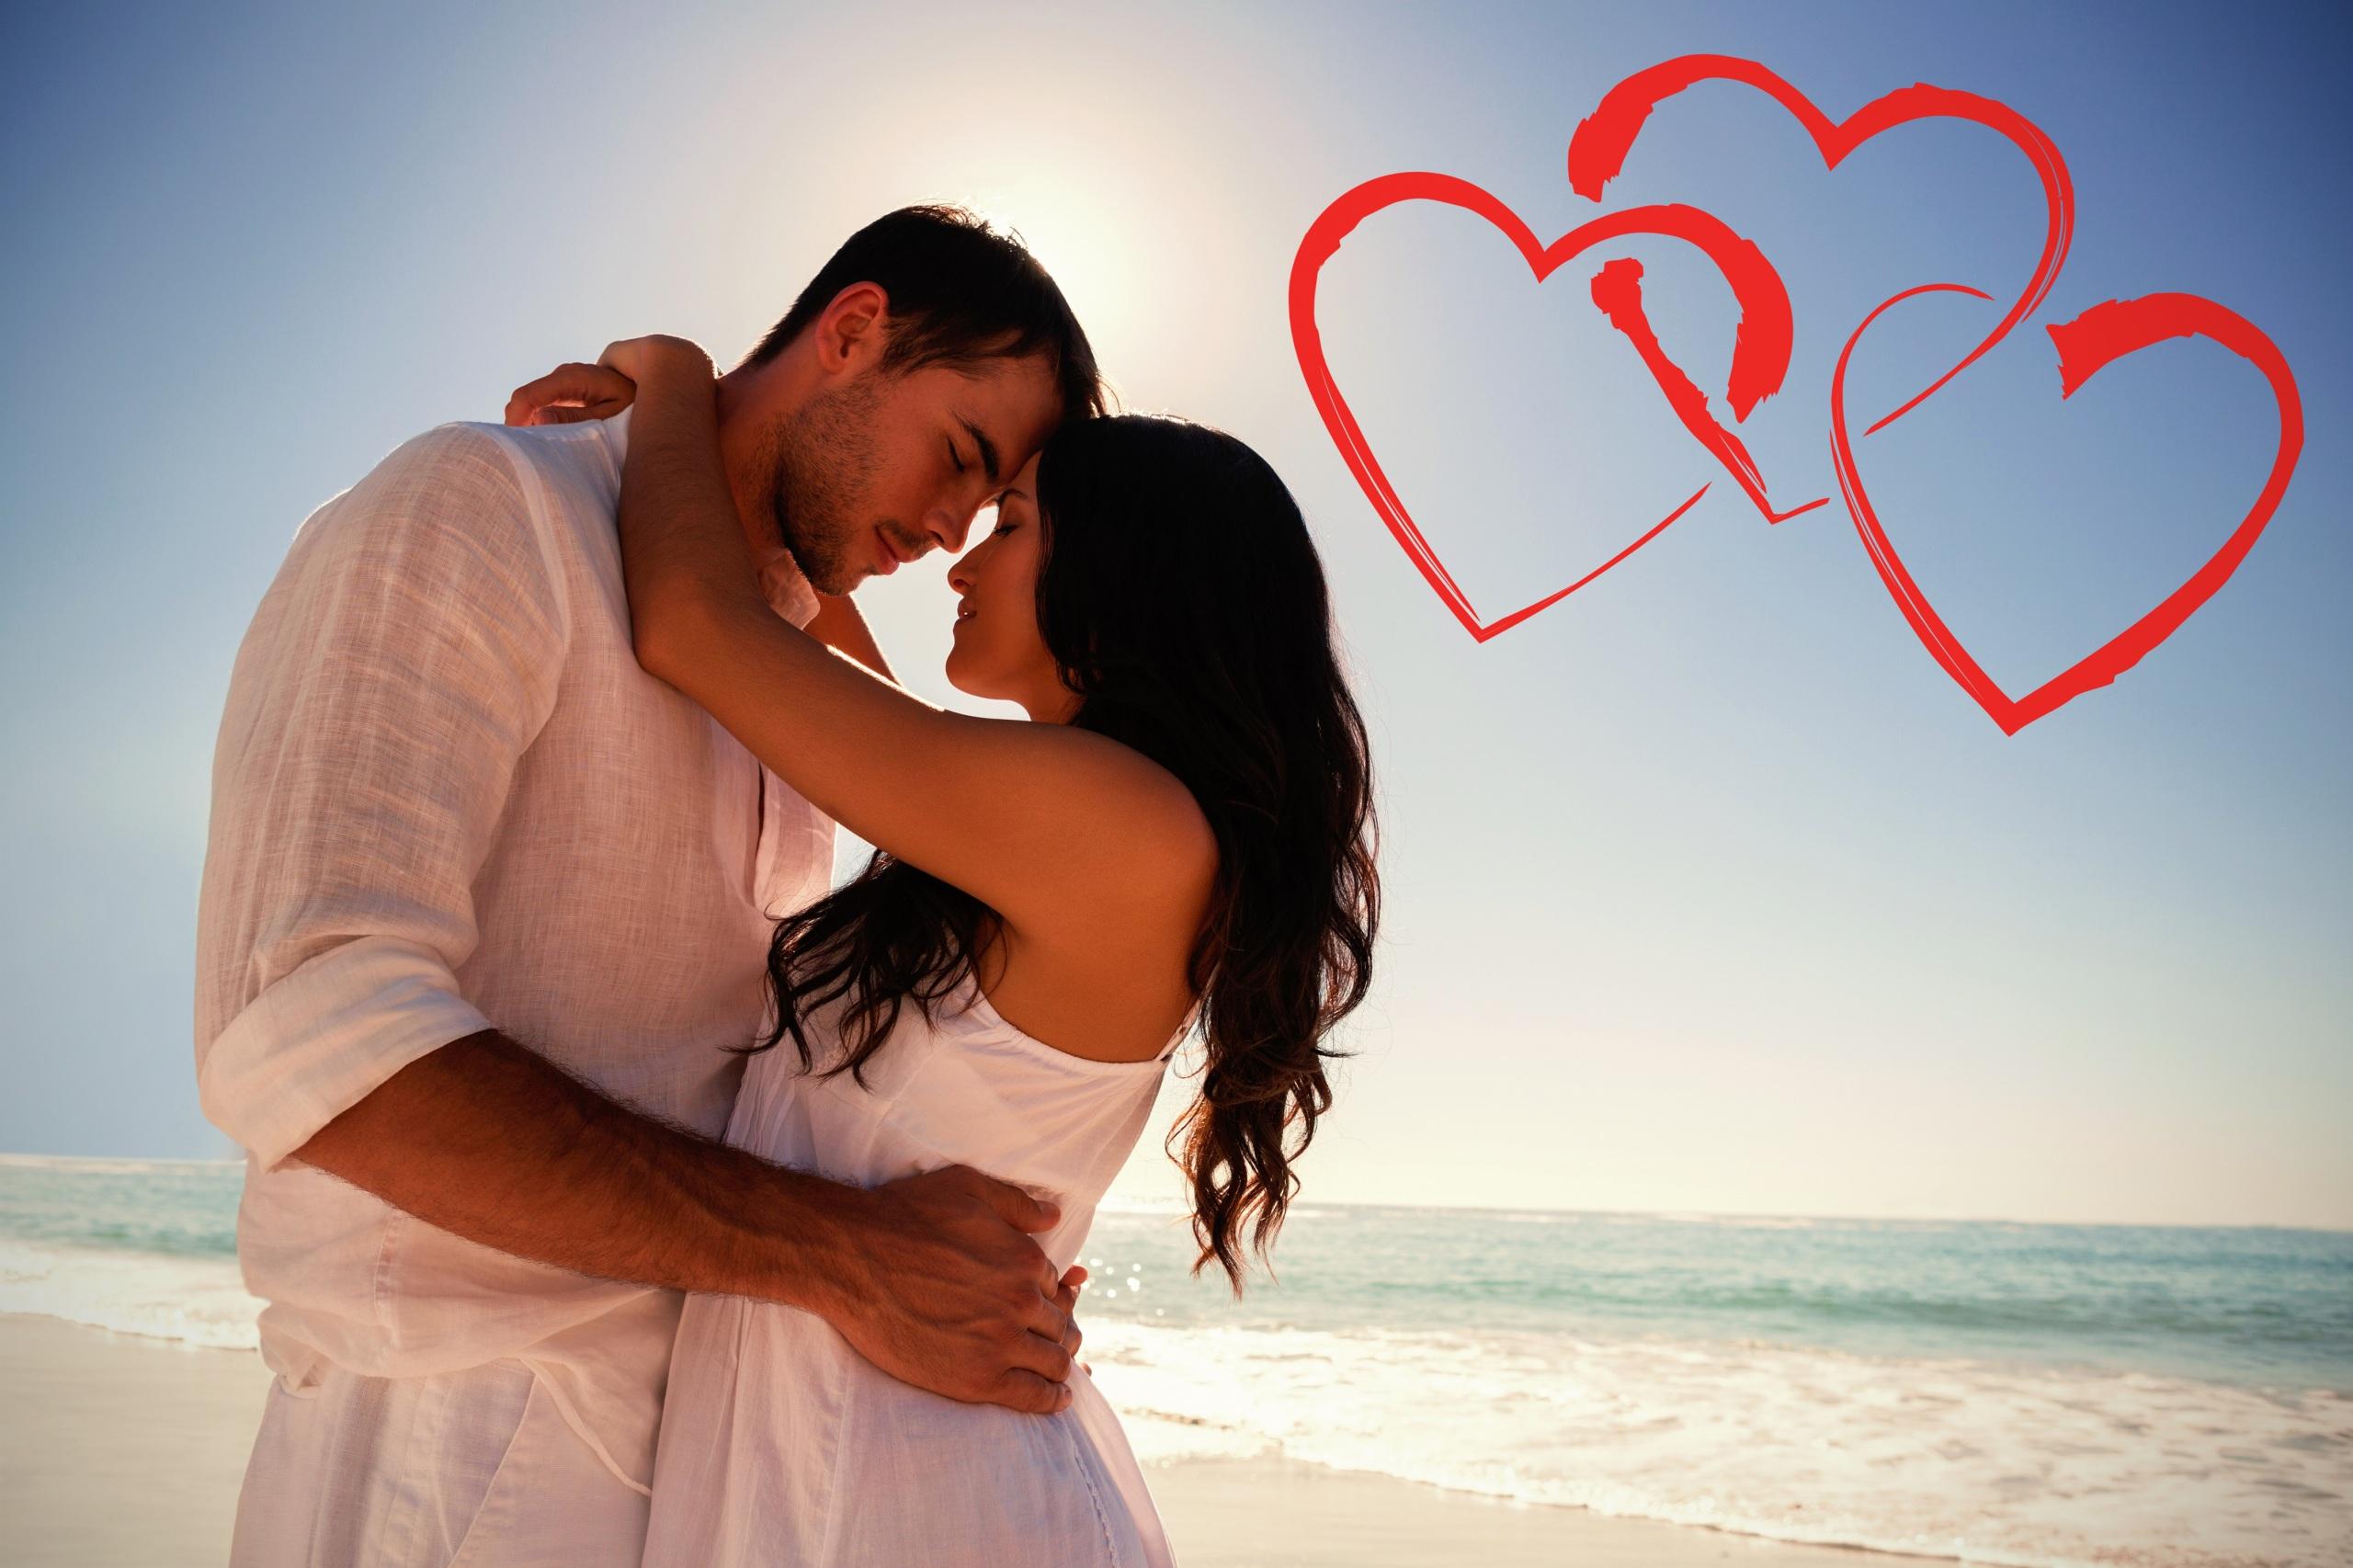 Bilder Valentinstag Braune Haare Mann Herz Zwei Liebe Umarmung Mädchens 2560x1706 Braunhaarige 2